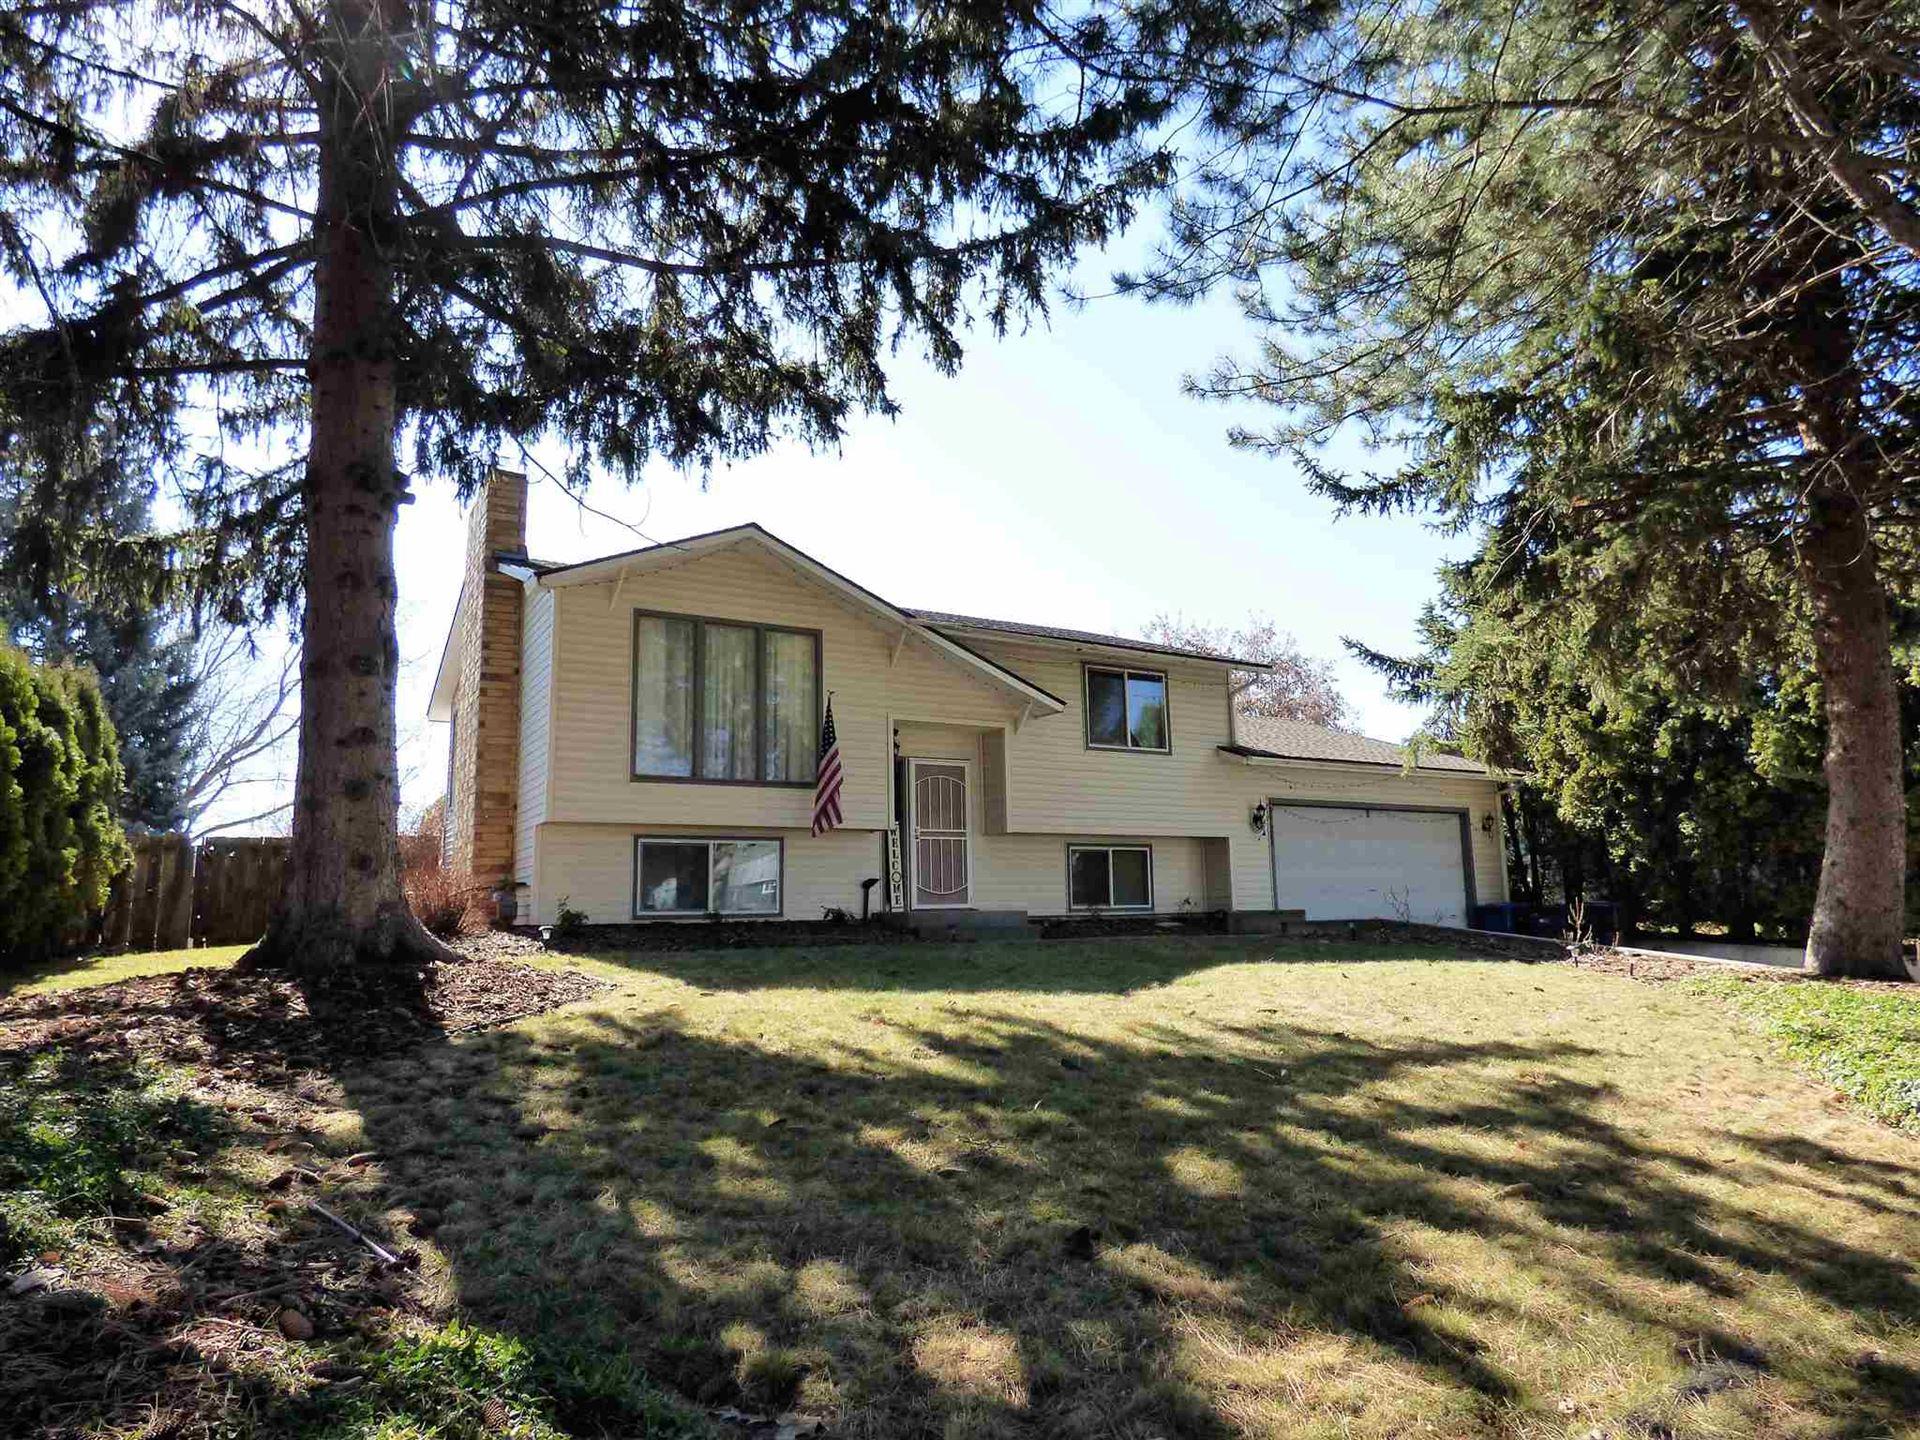 11322 E Fredrick Ave, Spokane Valley, WA 99206-2614 - #: 202112742